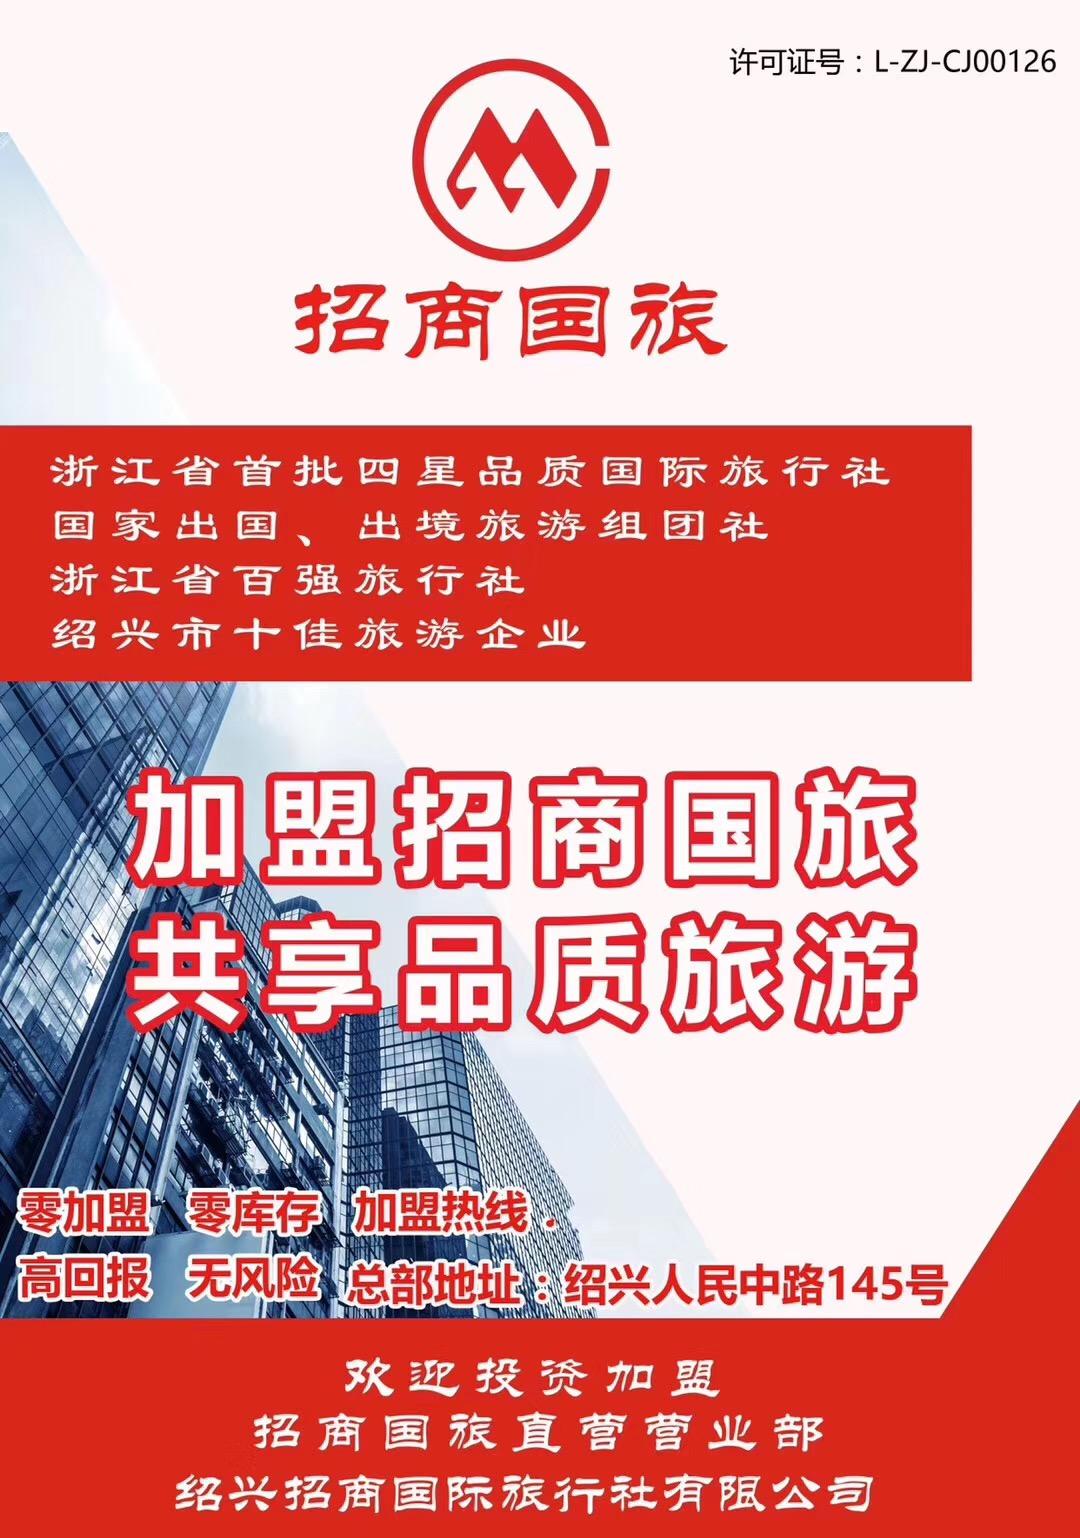 绝美泰国5晚6天【杭州直飞曼谷、芭堤雅升级2晚五星酒店、东方